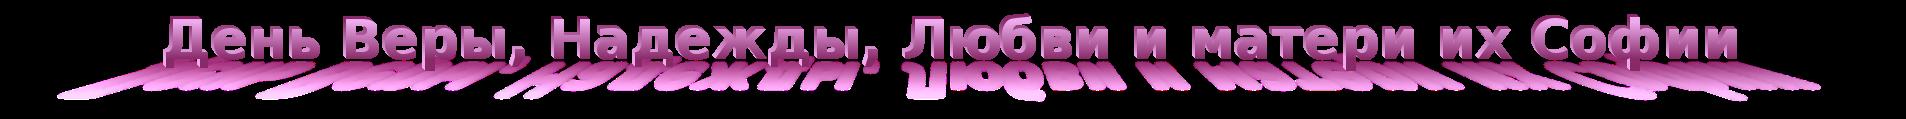 coollogo_com-370287.png | Не добавлены